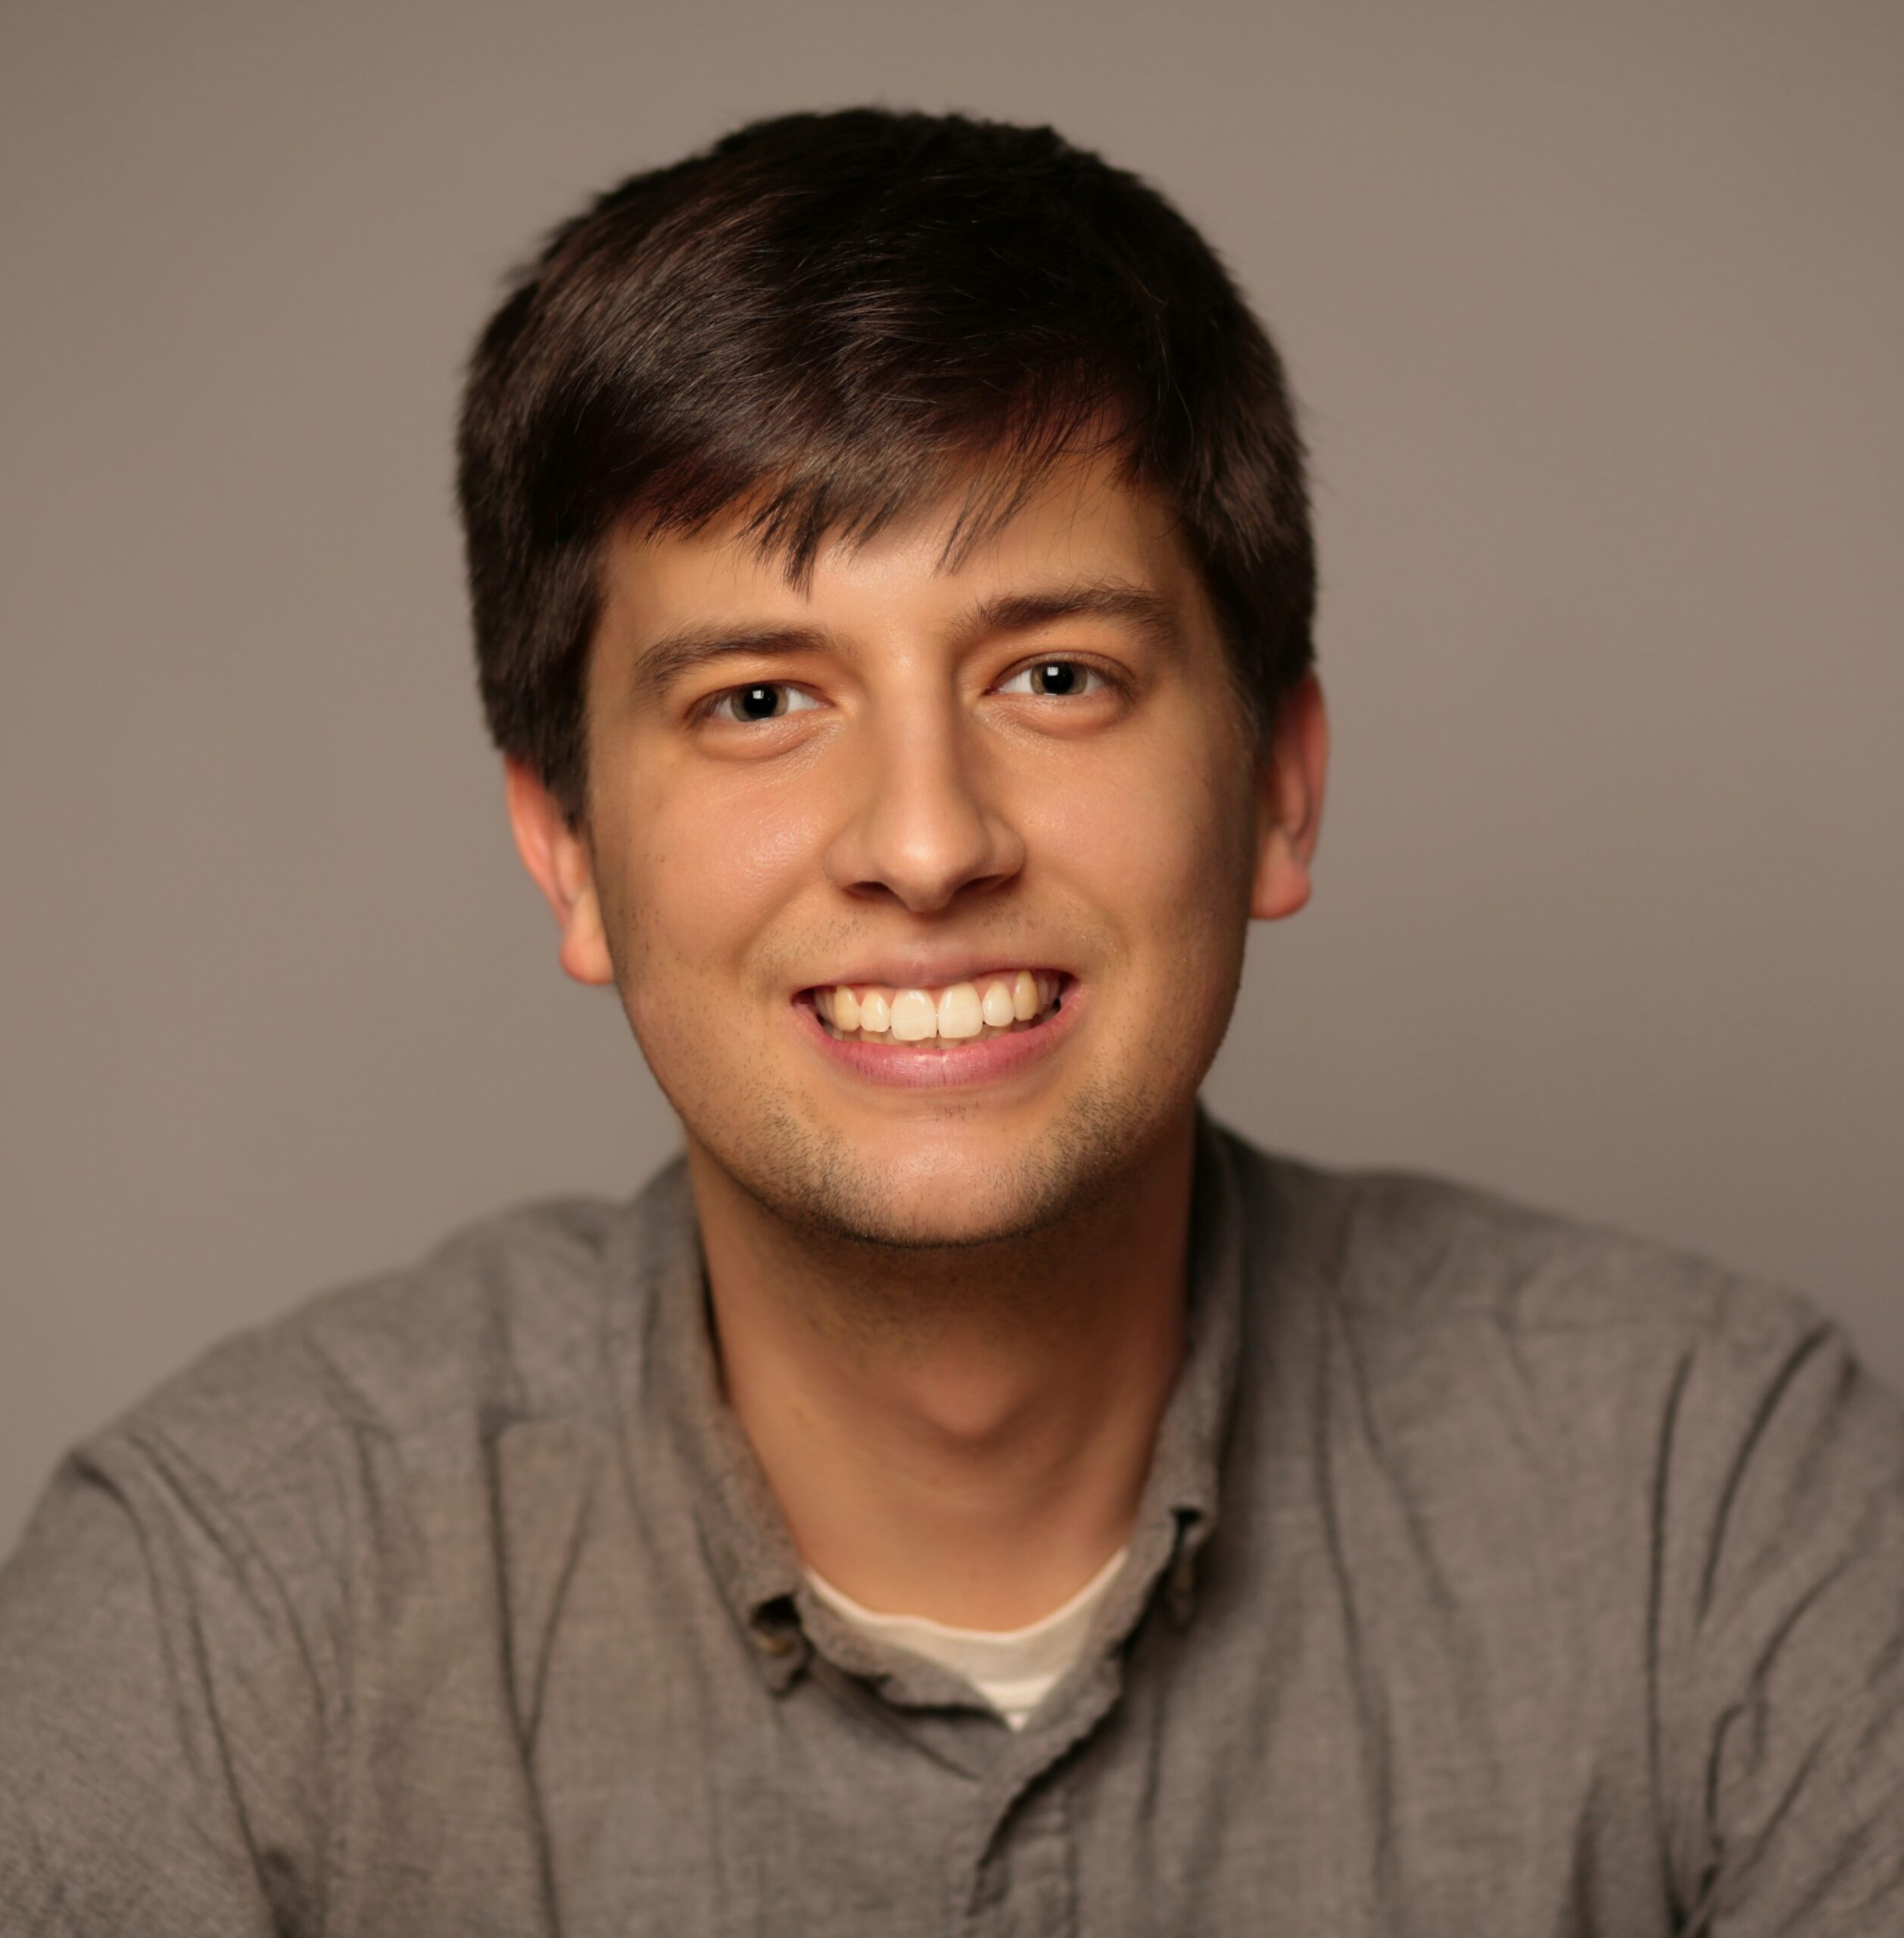 Dr. Connor Bischak